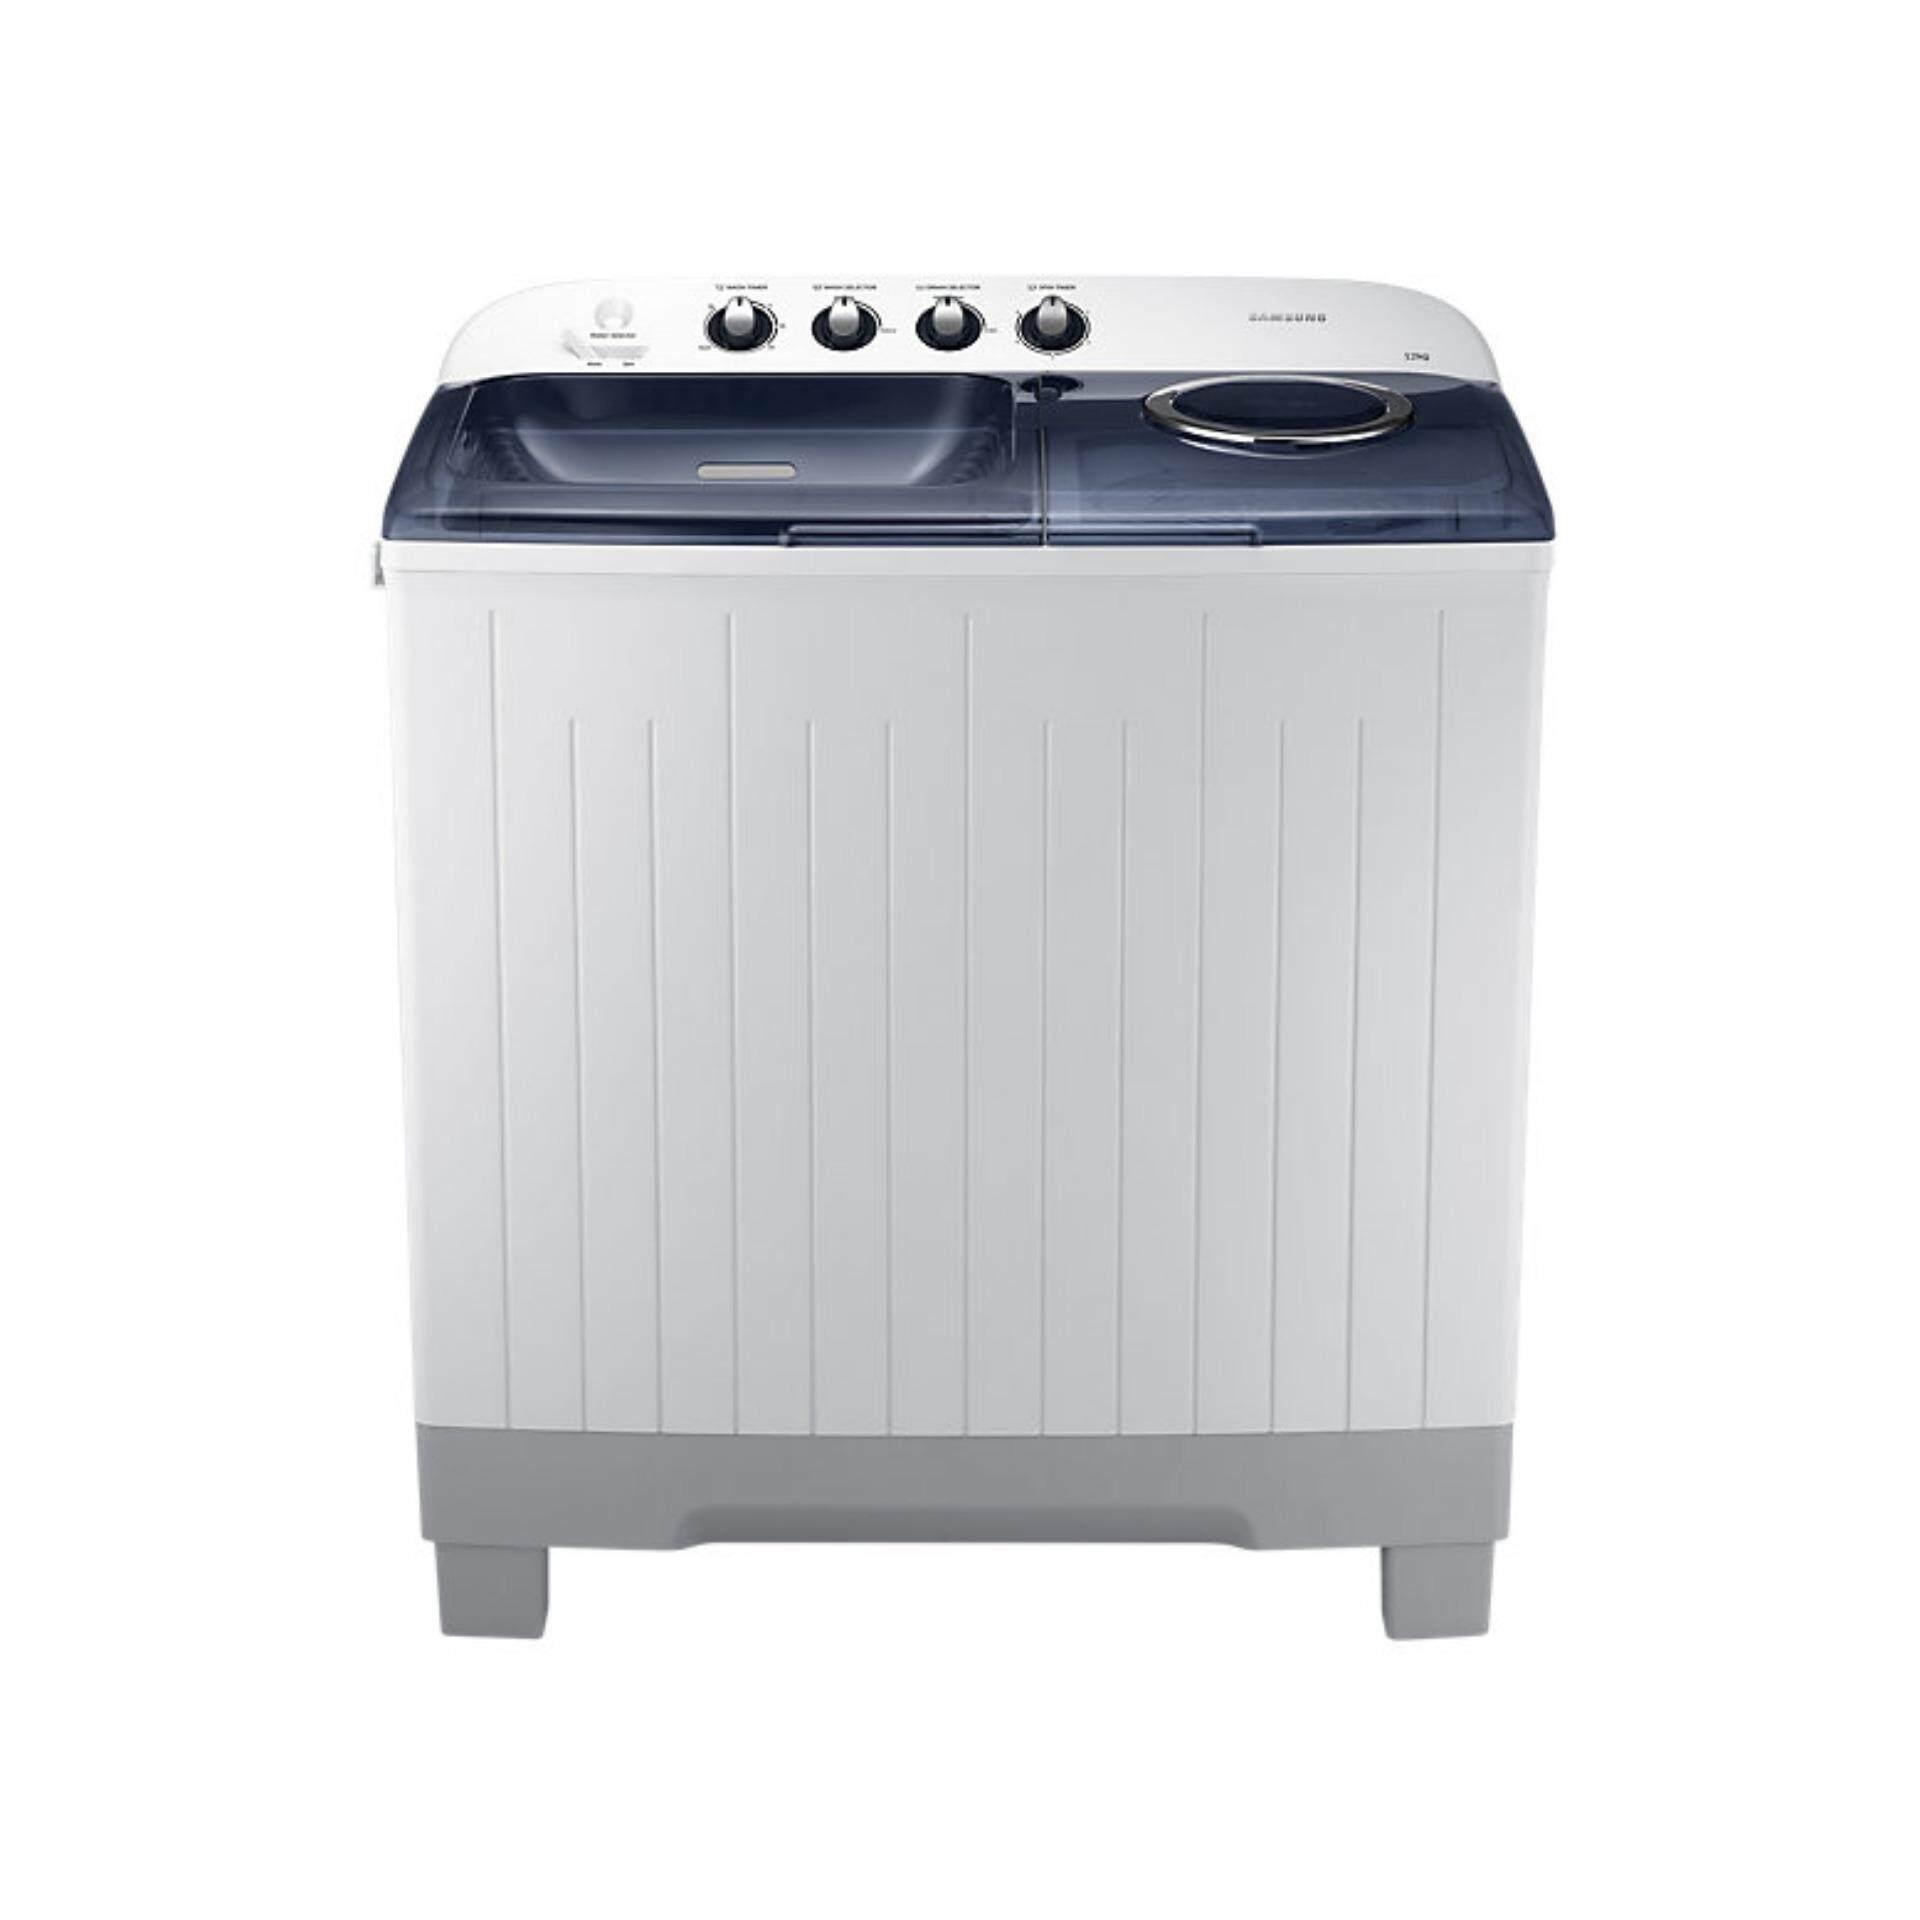 ถูกเหลือเชื่อ เครื่องซักผ้า Sharp -29% Sharp เครื่องซักผ้ากึ่งอัตโนมัติ 2 ถัง ความจุ 9 กก.รุ่น ES-TW90-BL ถูกที่สุด